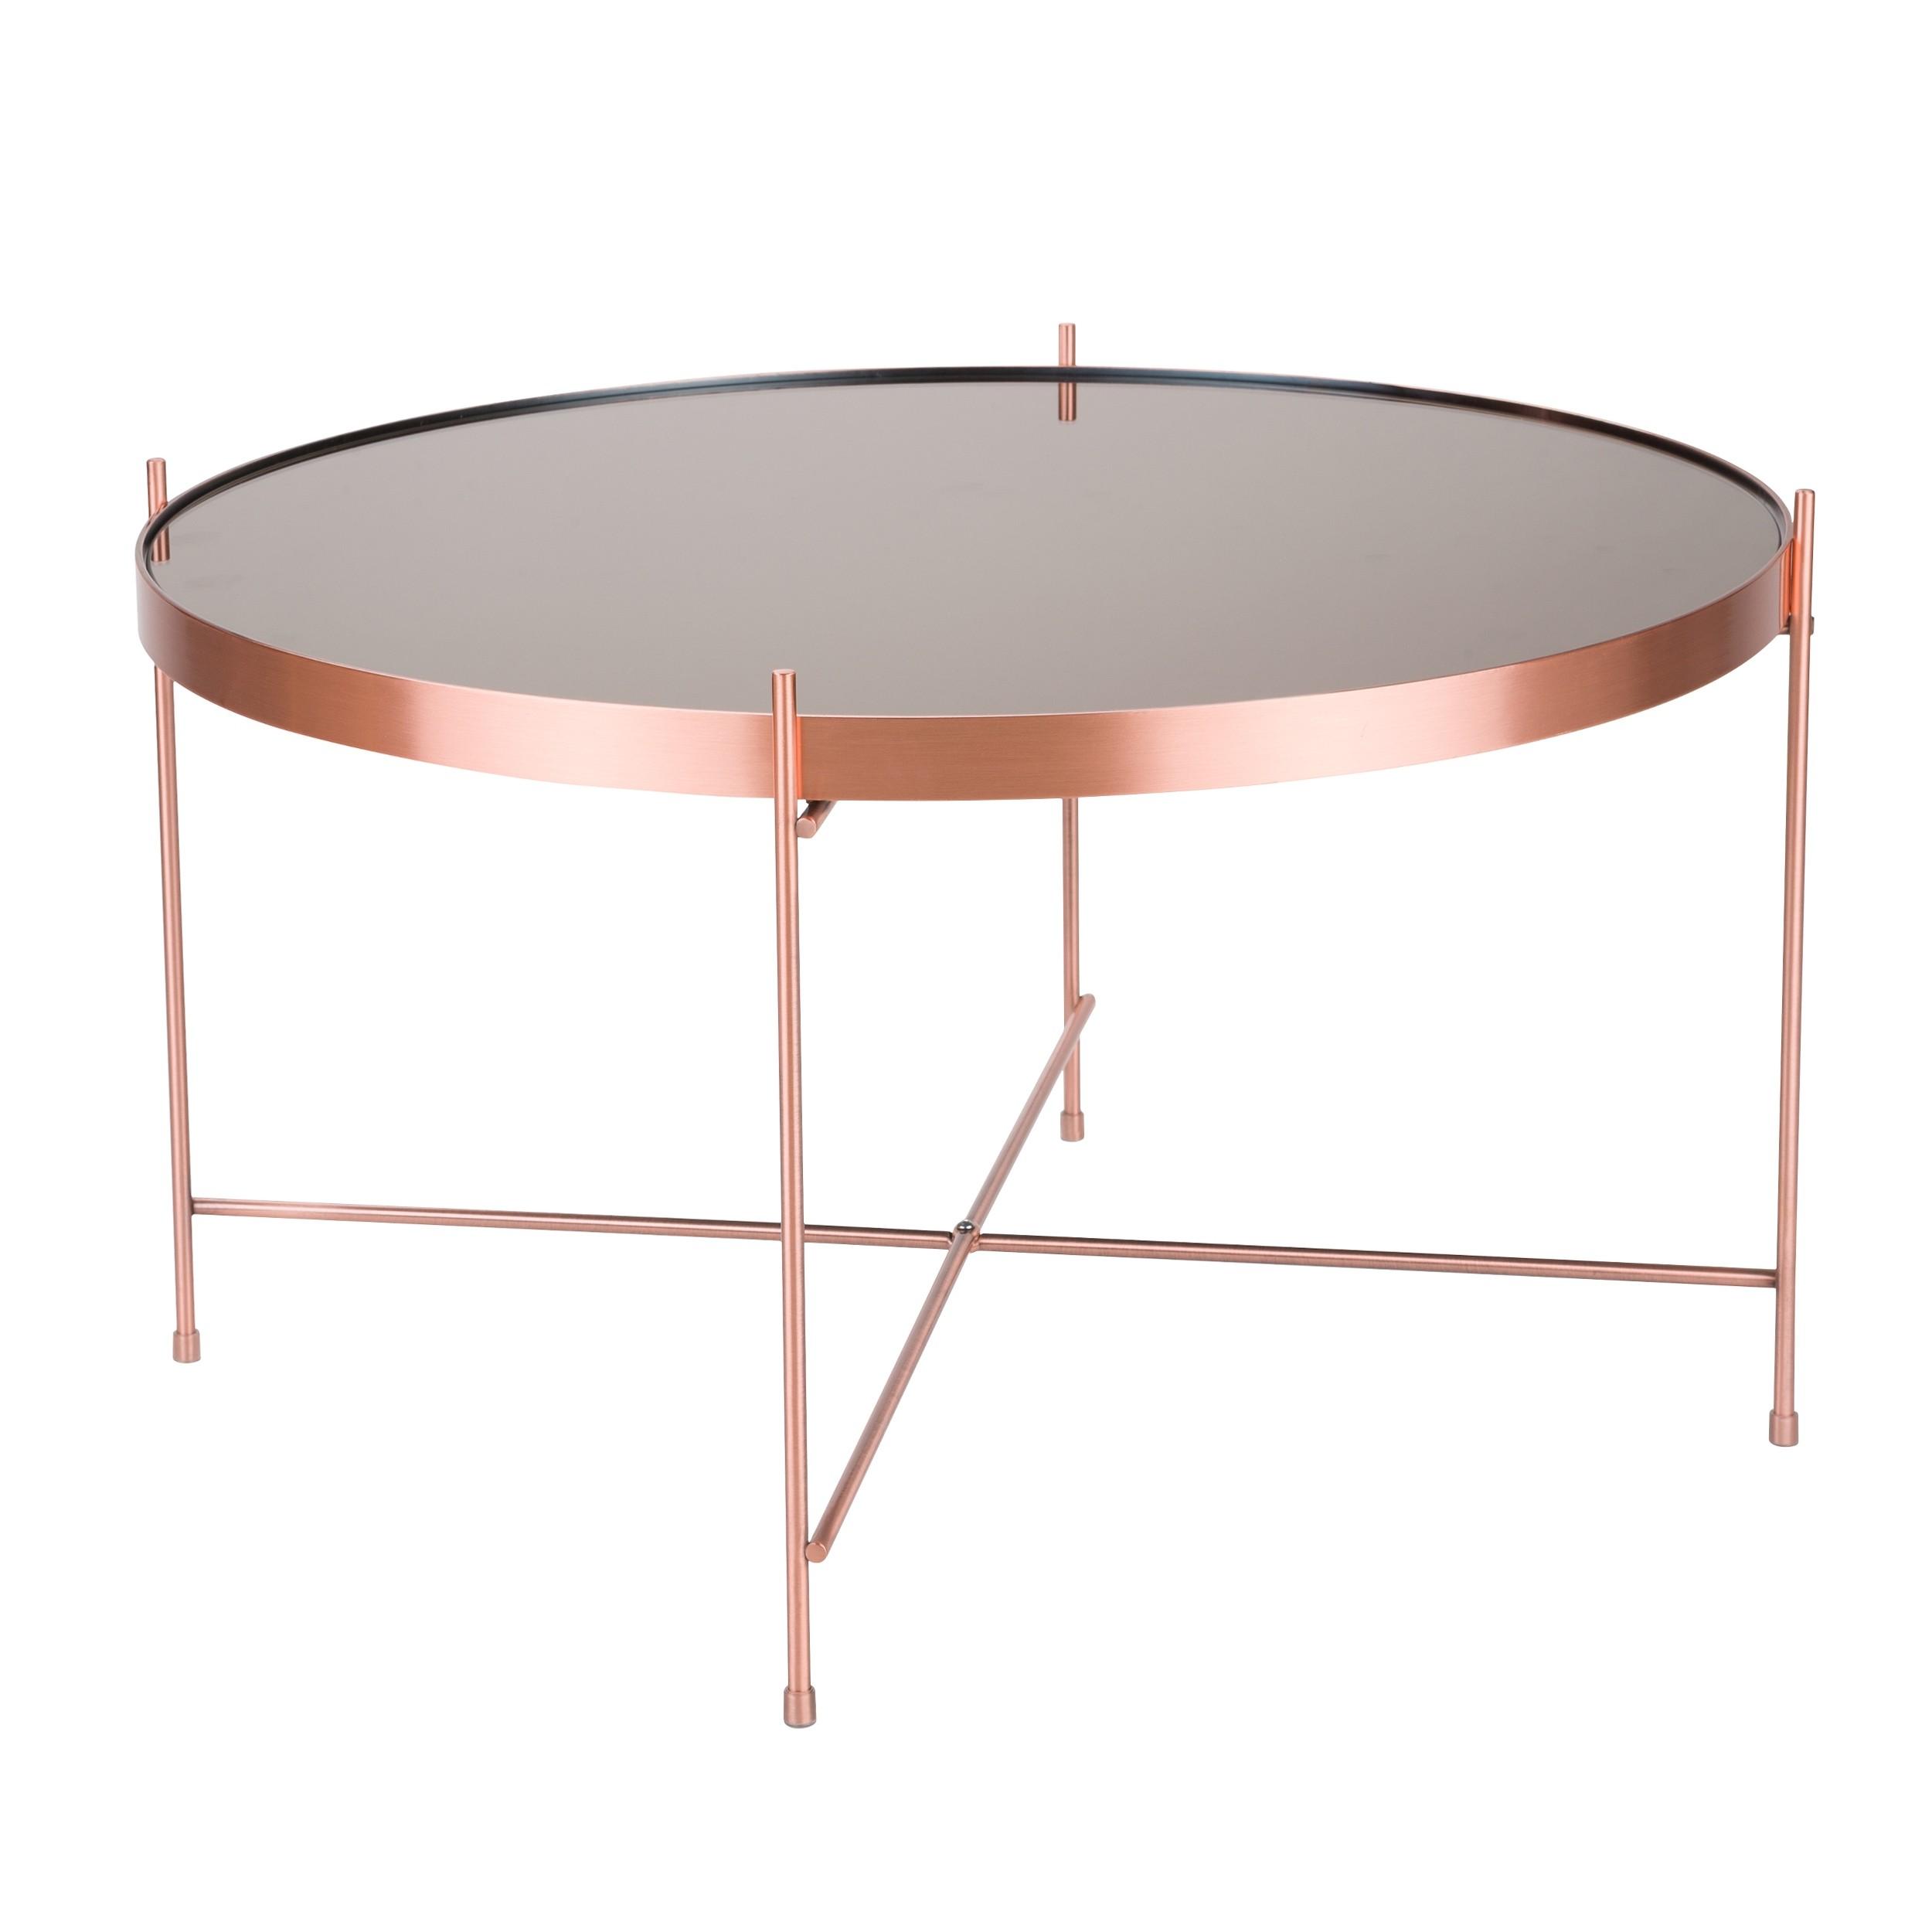 Table Basse Ronde Valdo Cuivre M Commandez Nos Tables Basses Ronde Valdo Cuivre M Rdv Deco